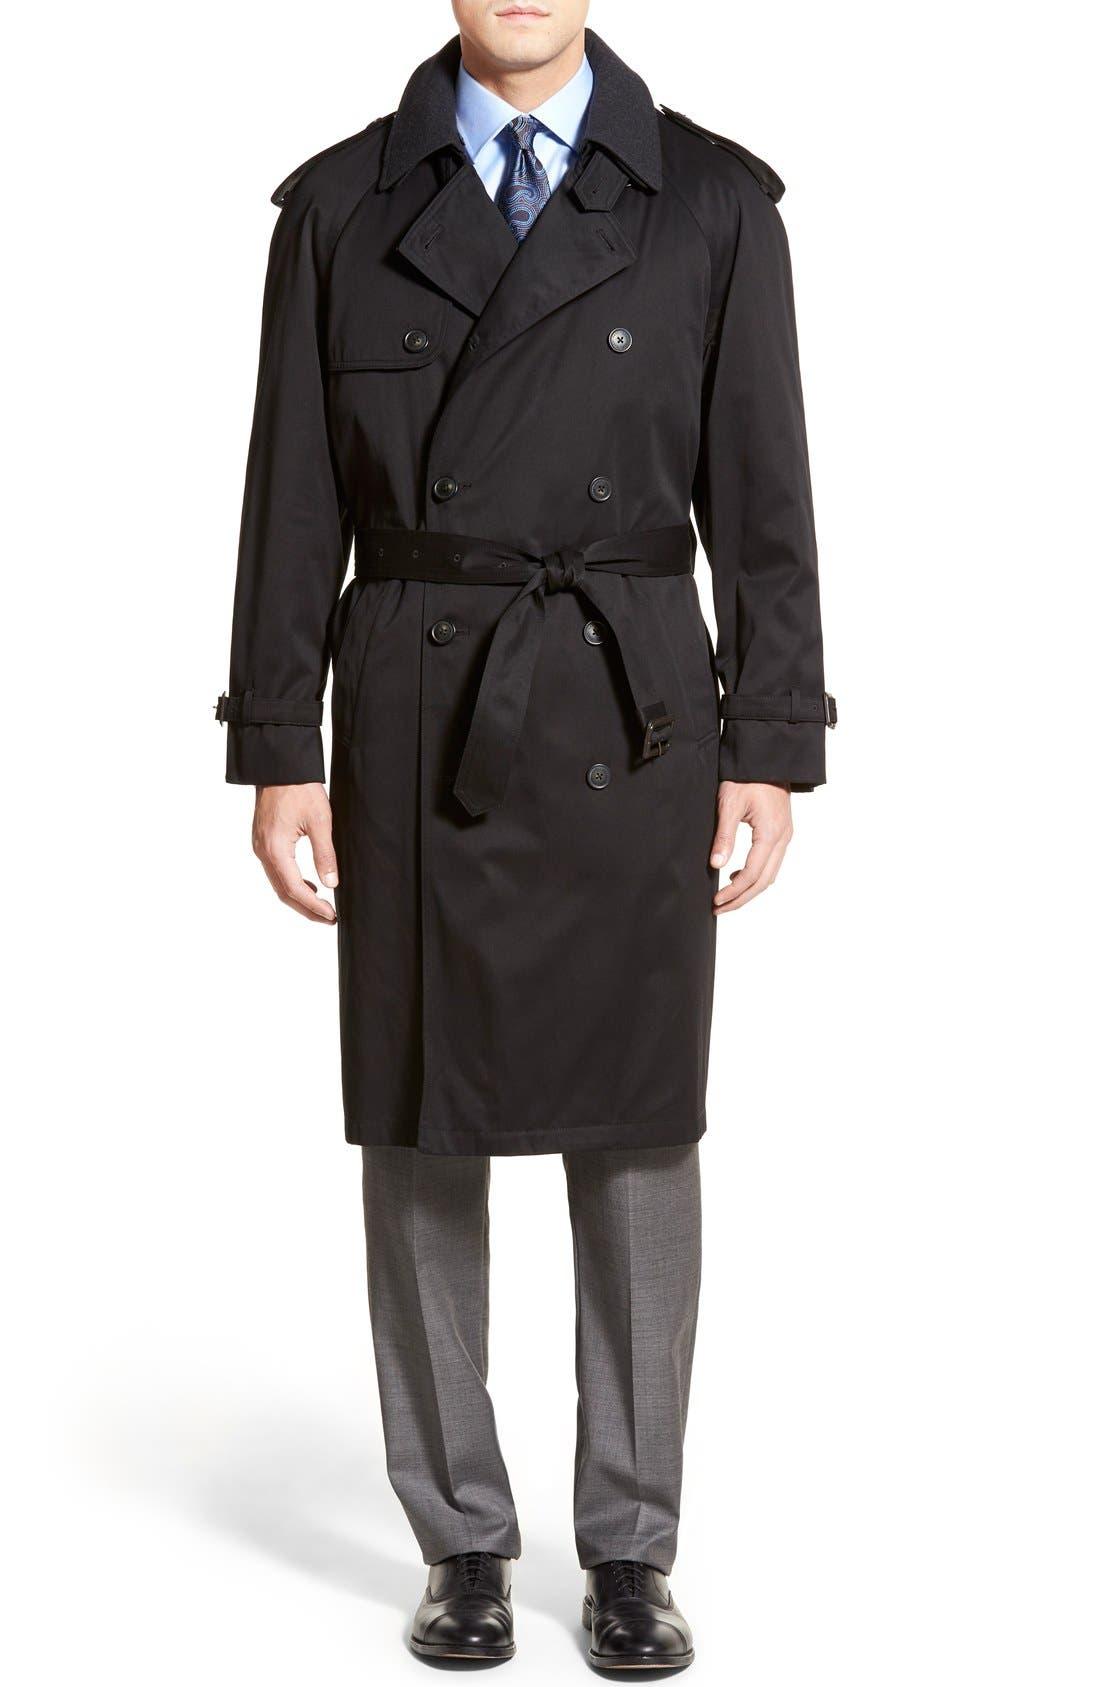 Barrington Classic Fit Cotton Blend Trench Coat,                             Main thumbnail 1, color,                             001